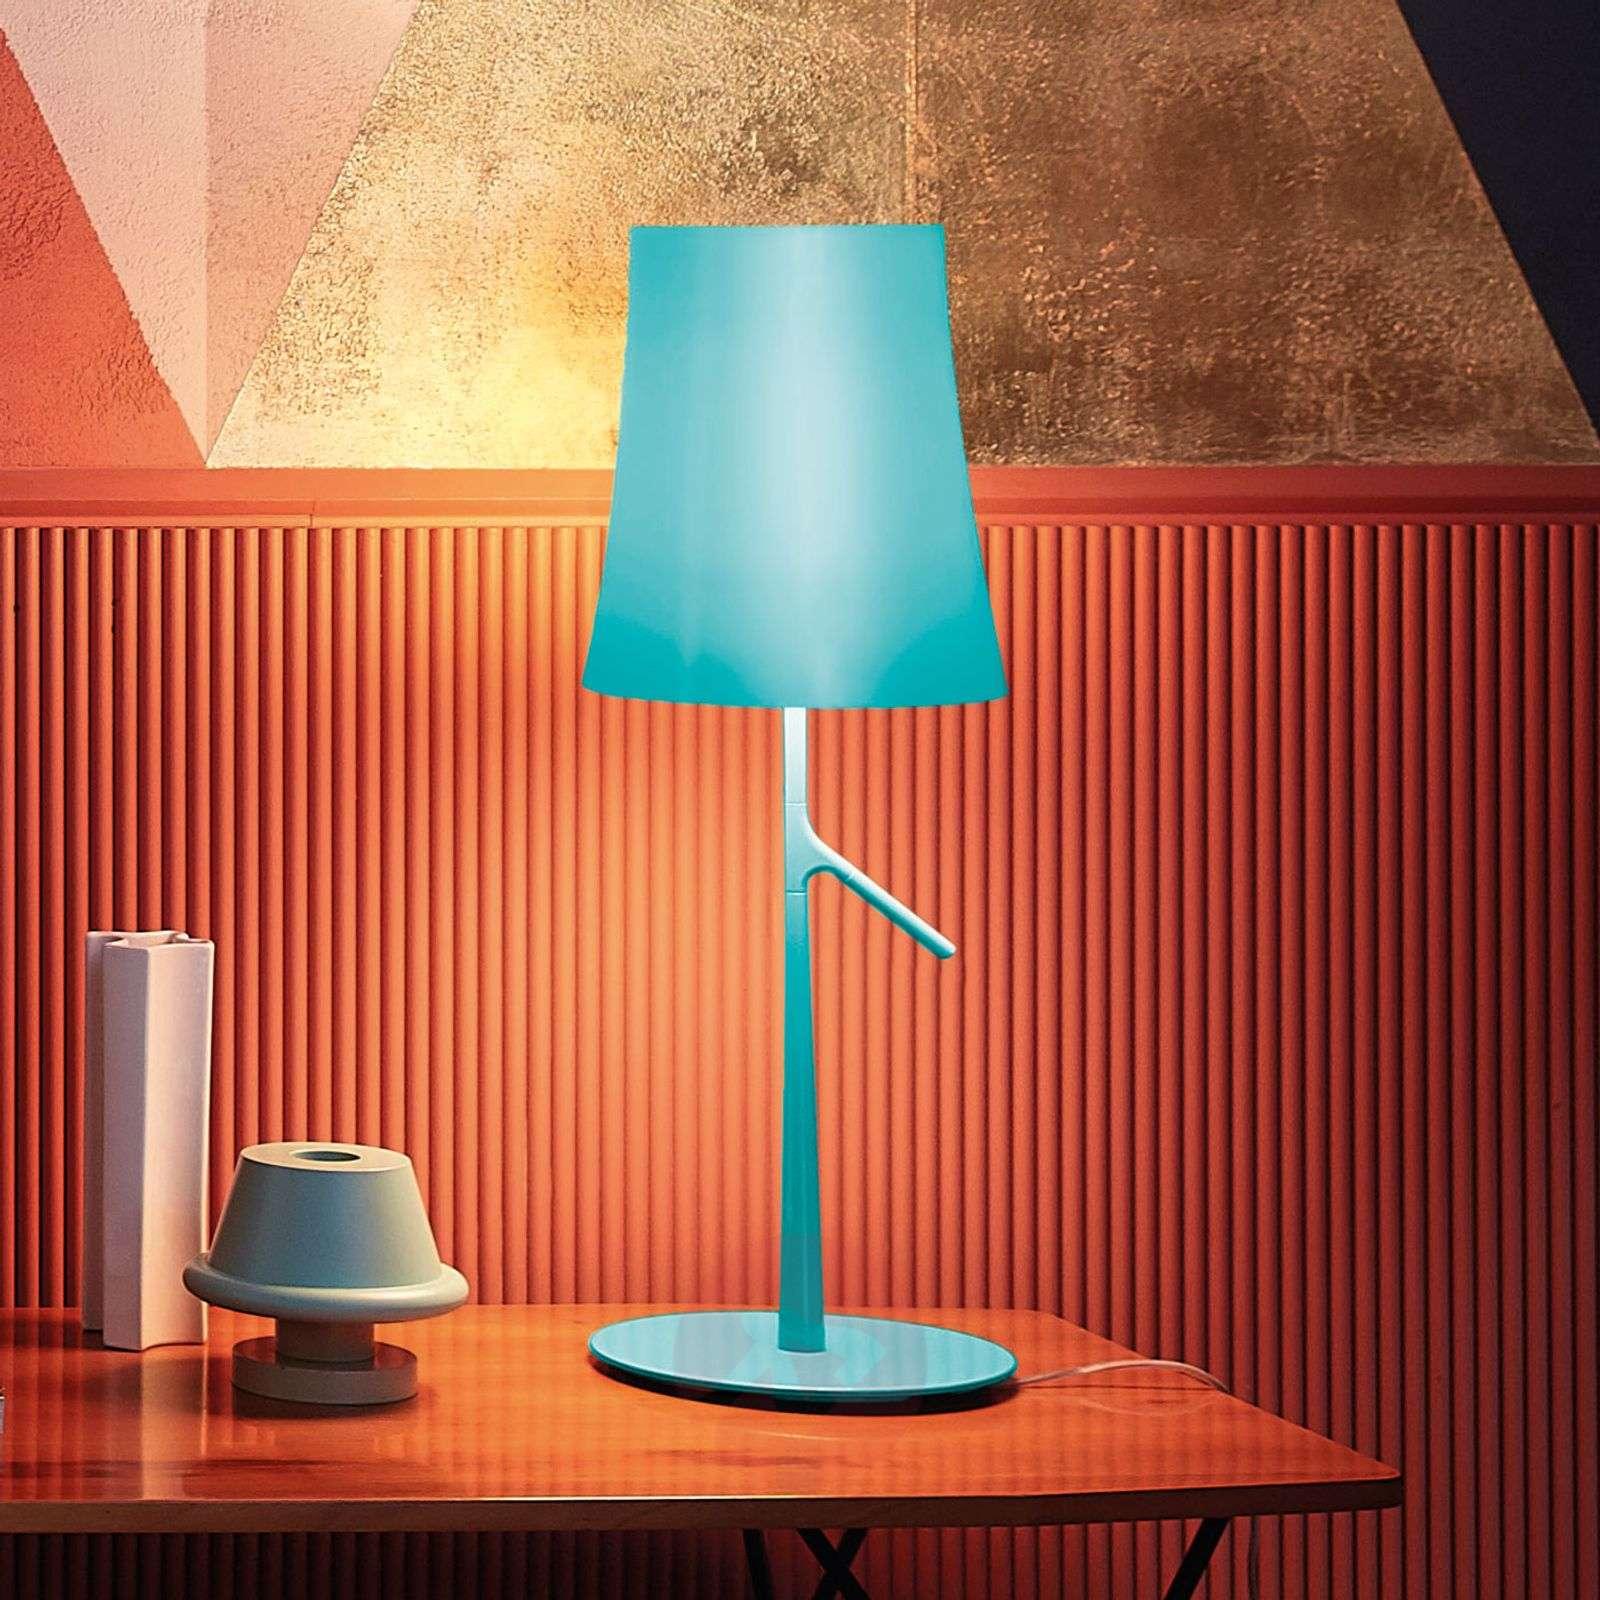 Foscarini Birdiee LED piccola-pöytävalaisin-3560017X-01